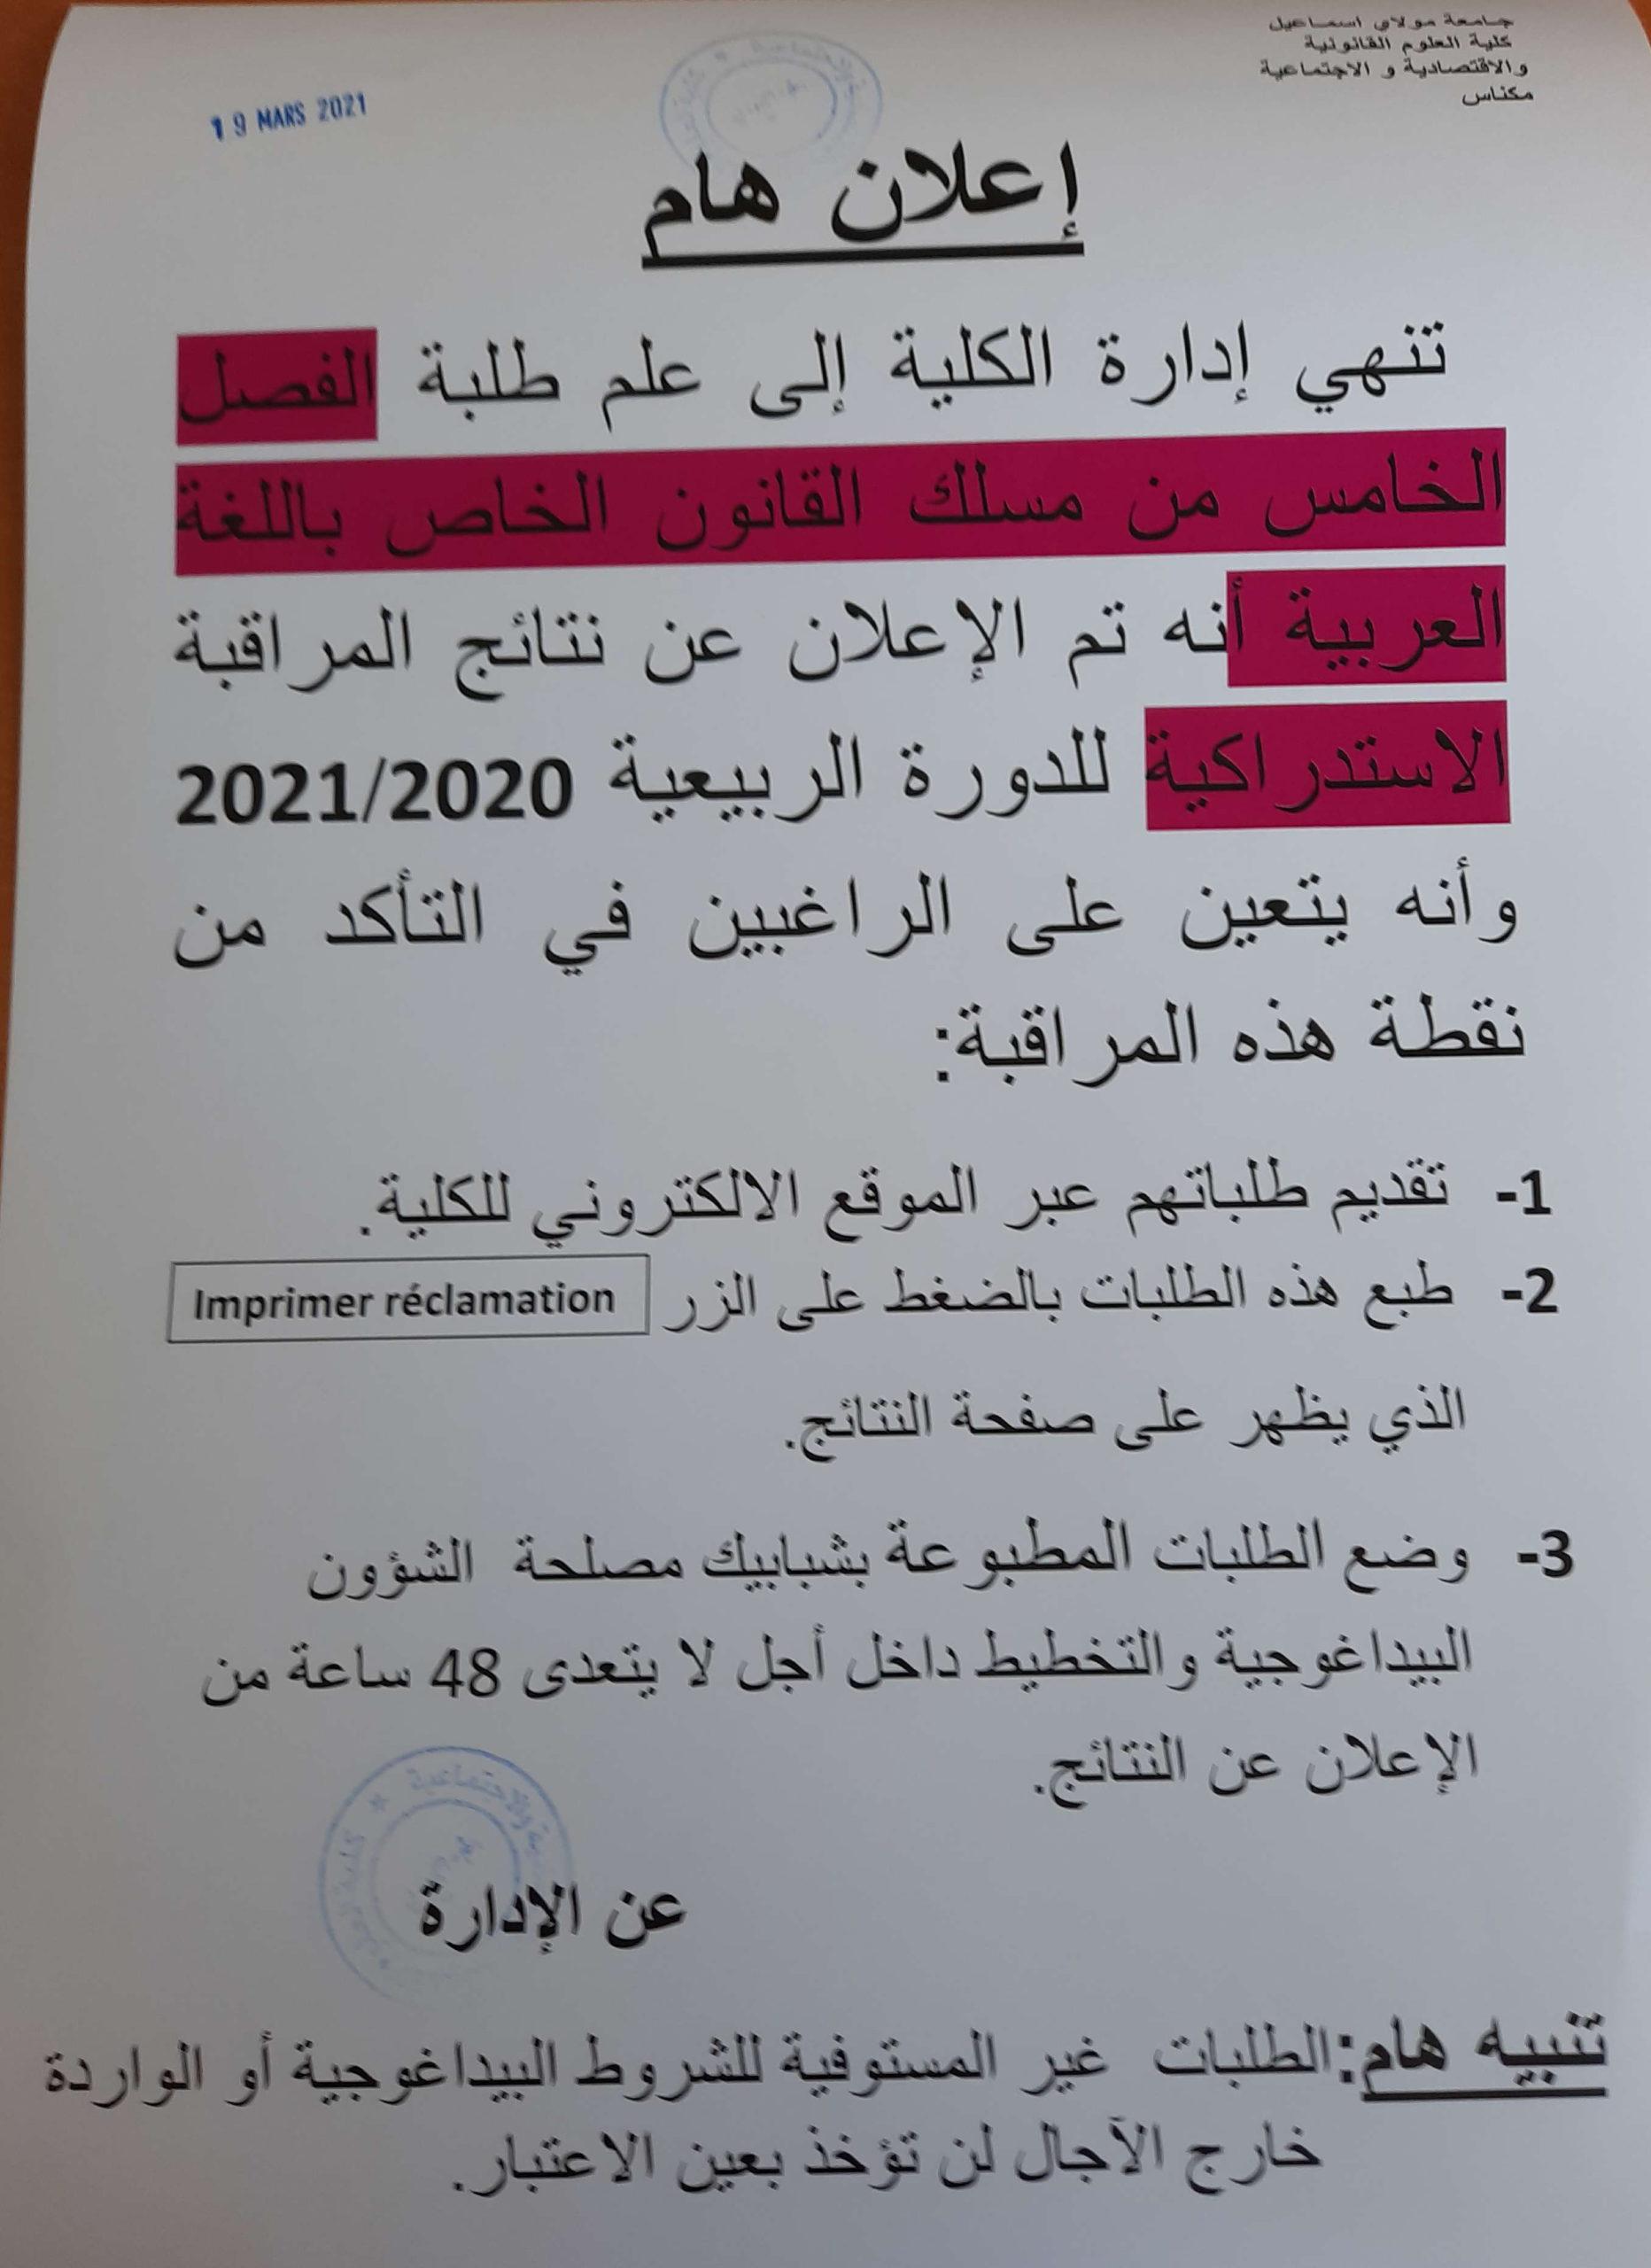 إعلان لطلبة الفصل الخامس من مسلك القانون الخاص باللغة العربية